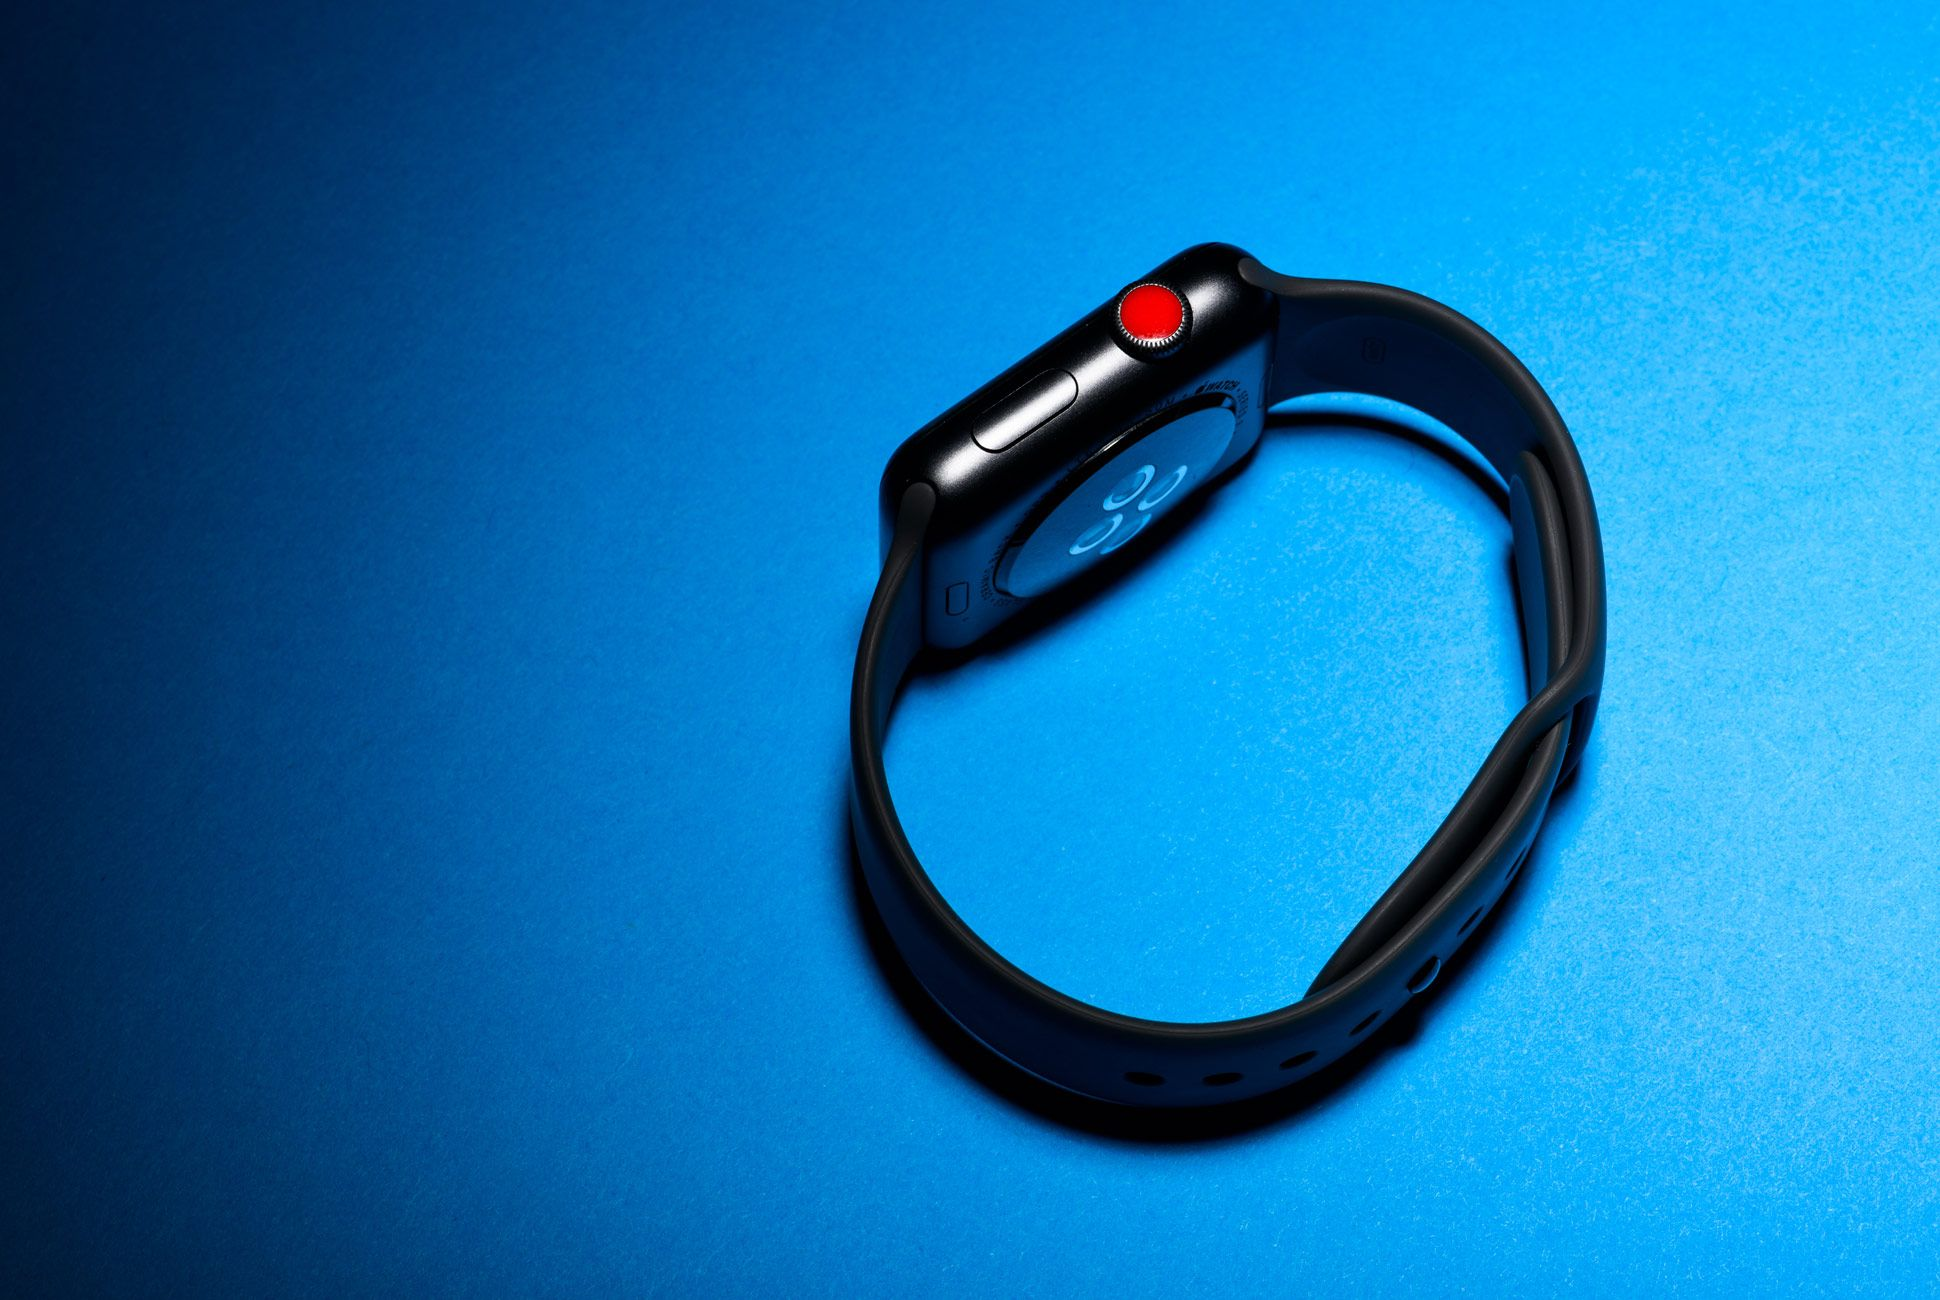 Apple-Watch-3-Gear-Patrol-Slide-3